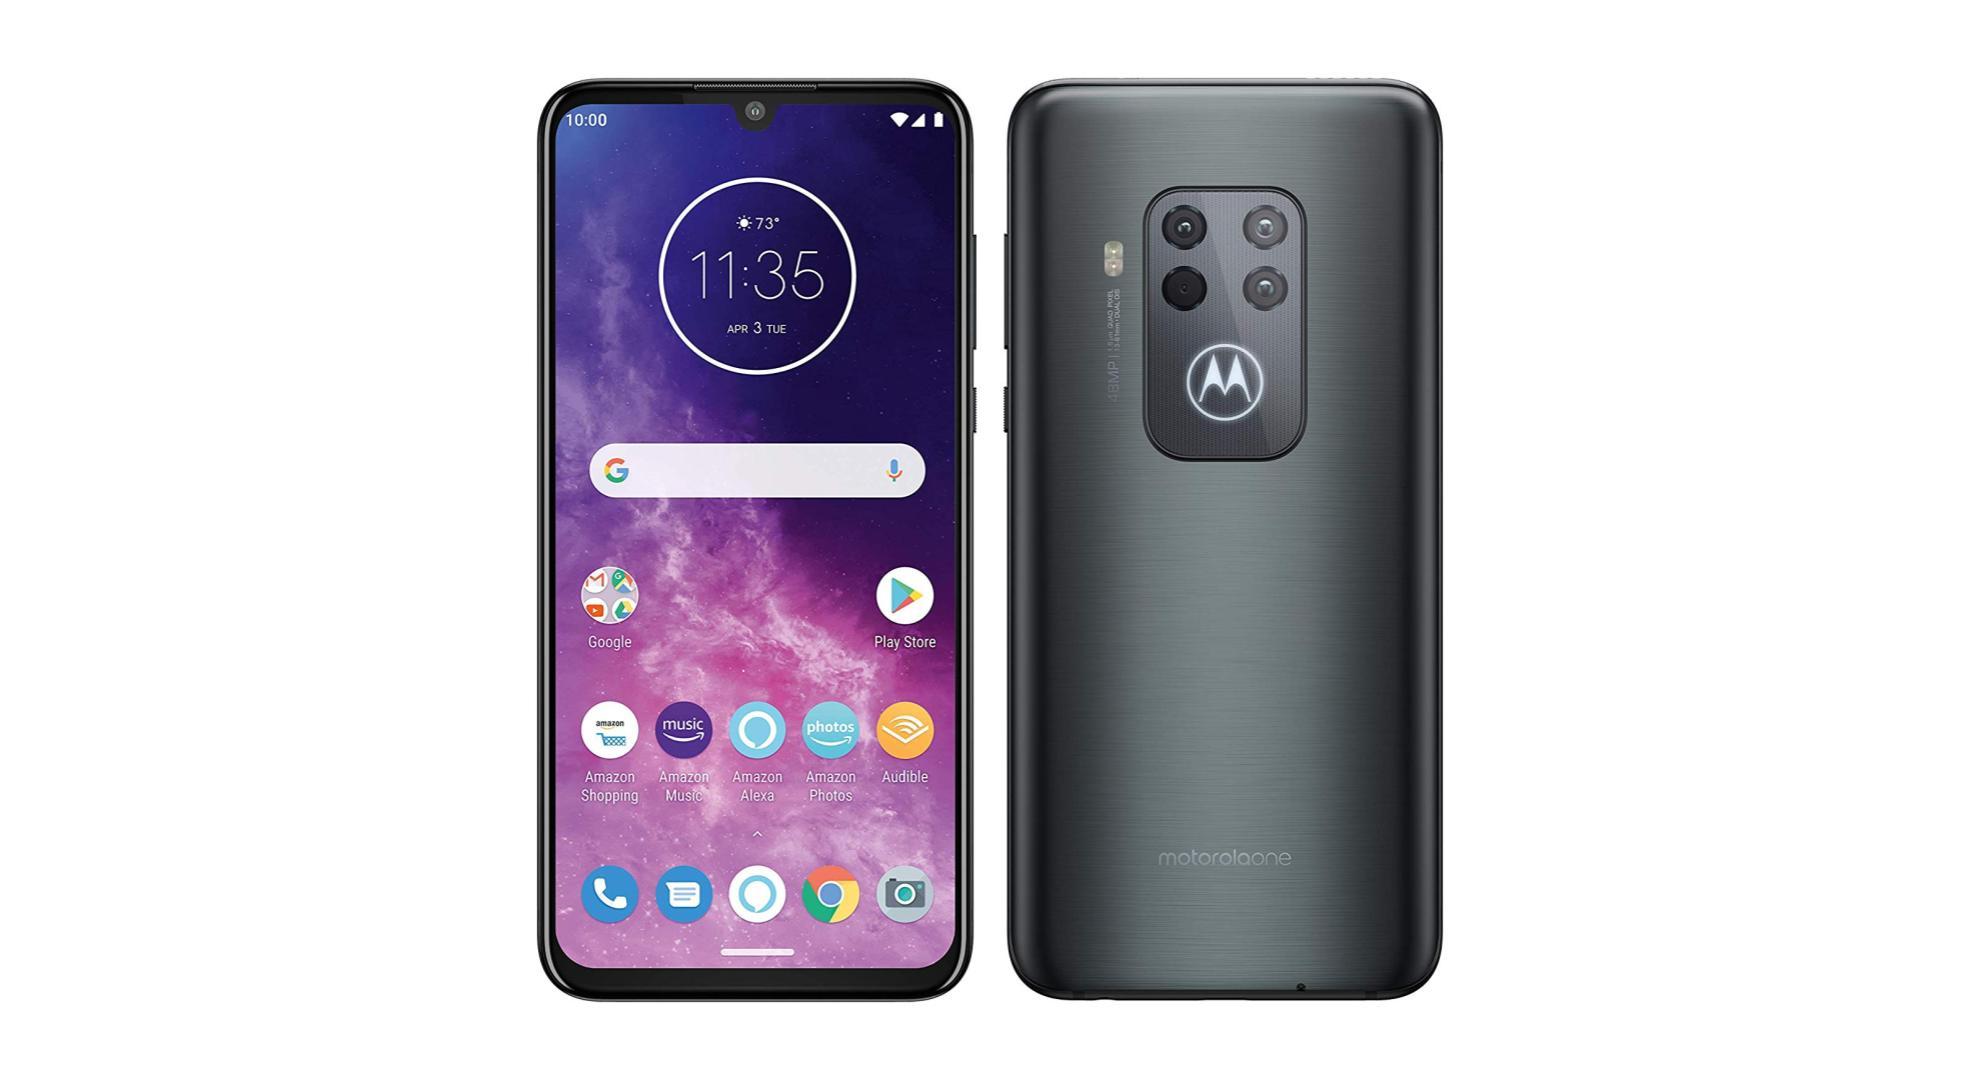 Motorola One Zoom : quadruple capteur photo et écran OLED pour 419 euros